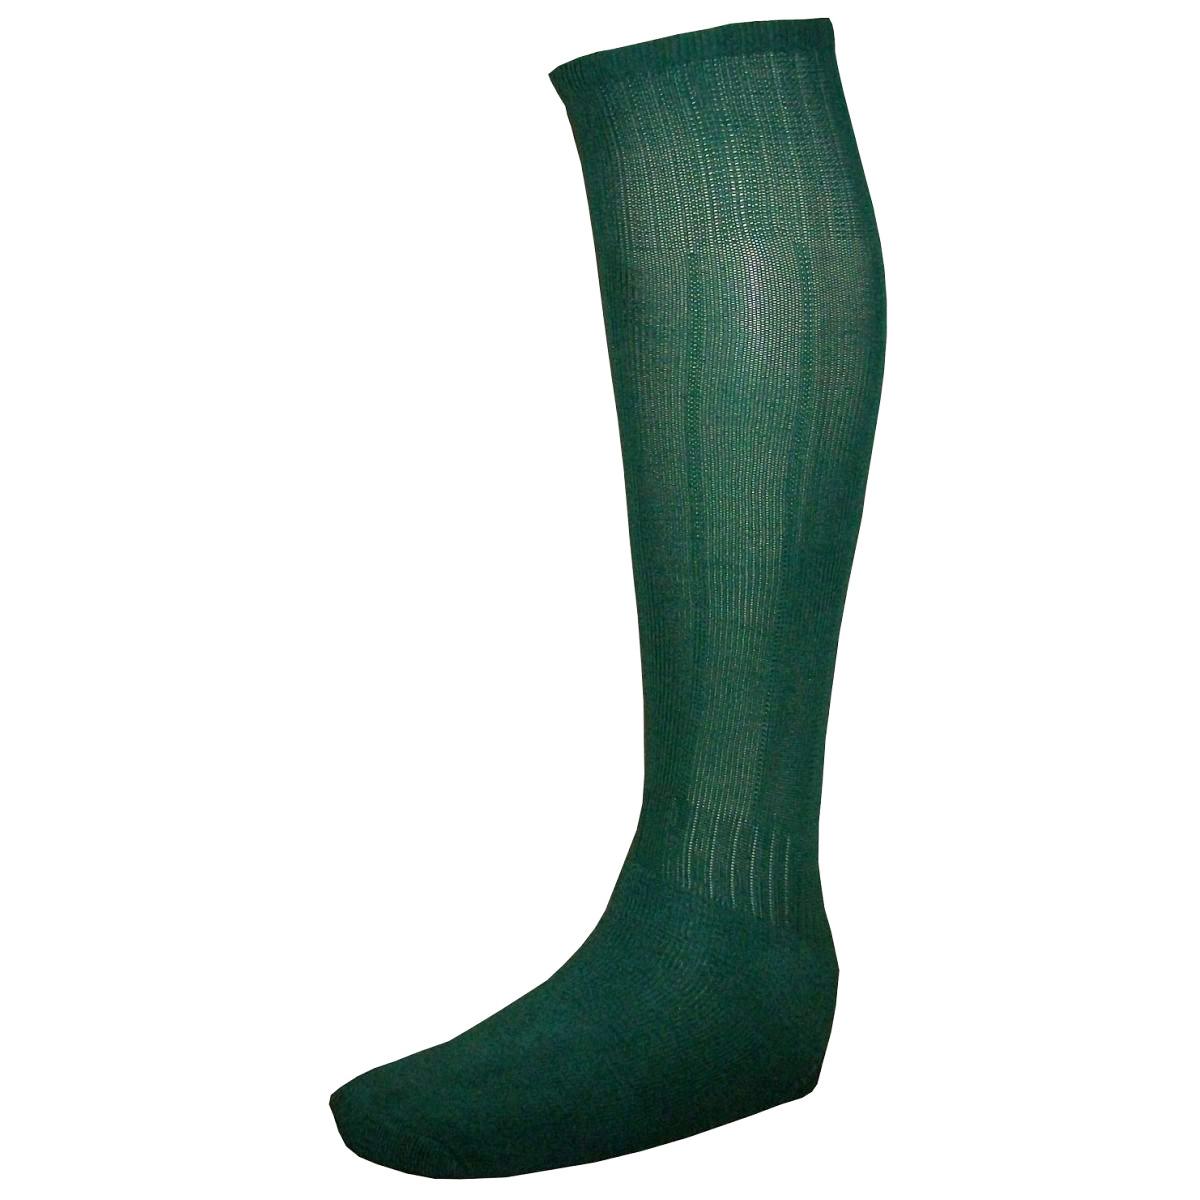 Fardamento Completo modelo City 18+1 (18 Camisas Verde/Branco + 18 Calções Madrid Verde + 18 Pares de Meiões Verdes + 1 Conjunto de Goleiro) + Brindes